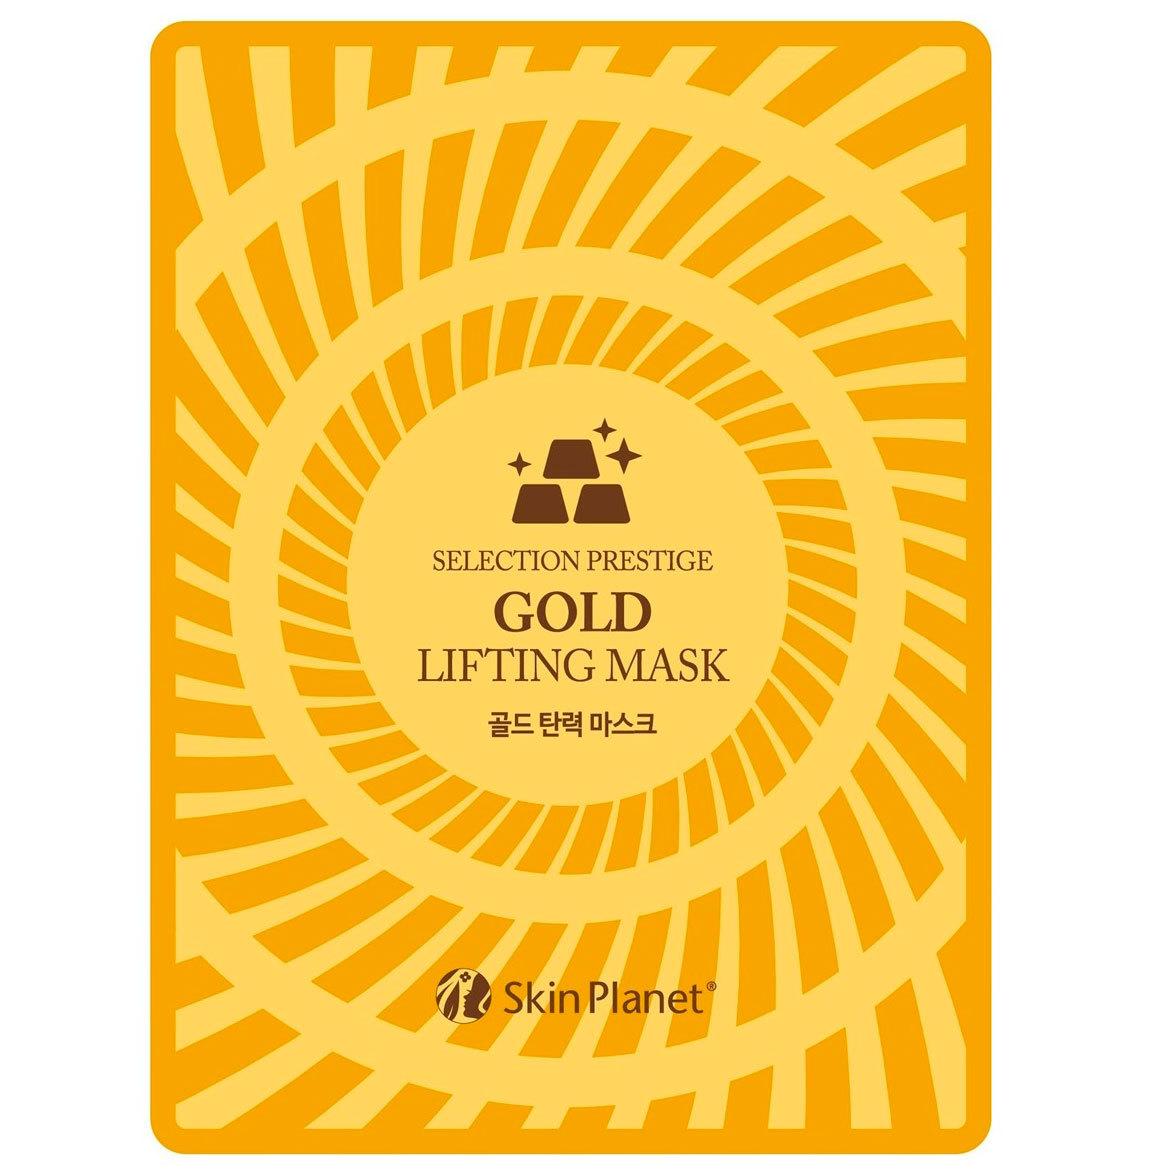 Увлажняющие Маска тканевая для лица с золотом лифтинг эффект MIJIN  Skin Planet GOLD LIFTING MASK 25гр Маска_тканевая_для_лица_с_золотом_лифтинг_эффект_MIJIN__Skin_Planet_GOLD_LIFTING_MASK_25гр.jpeg